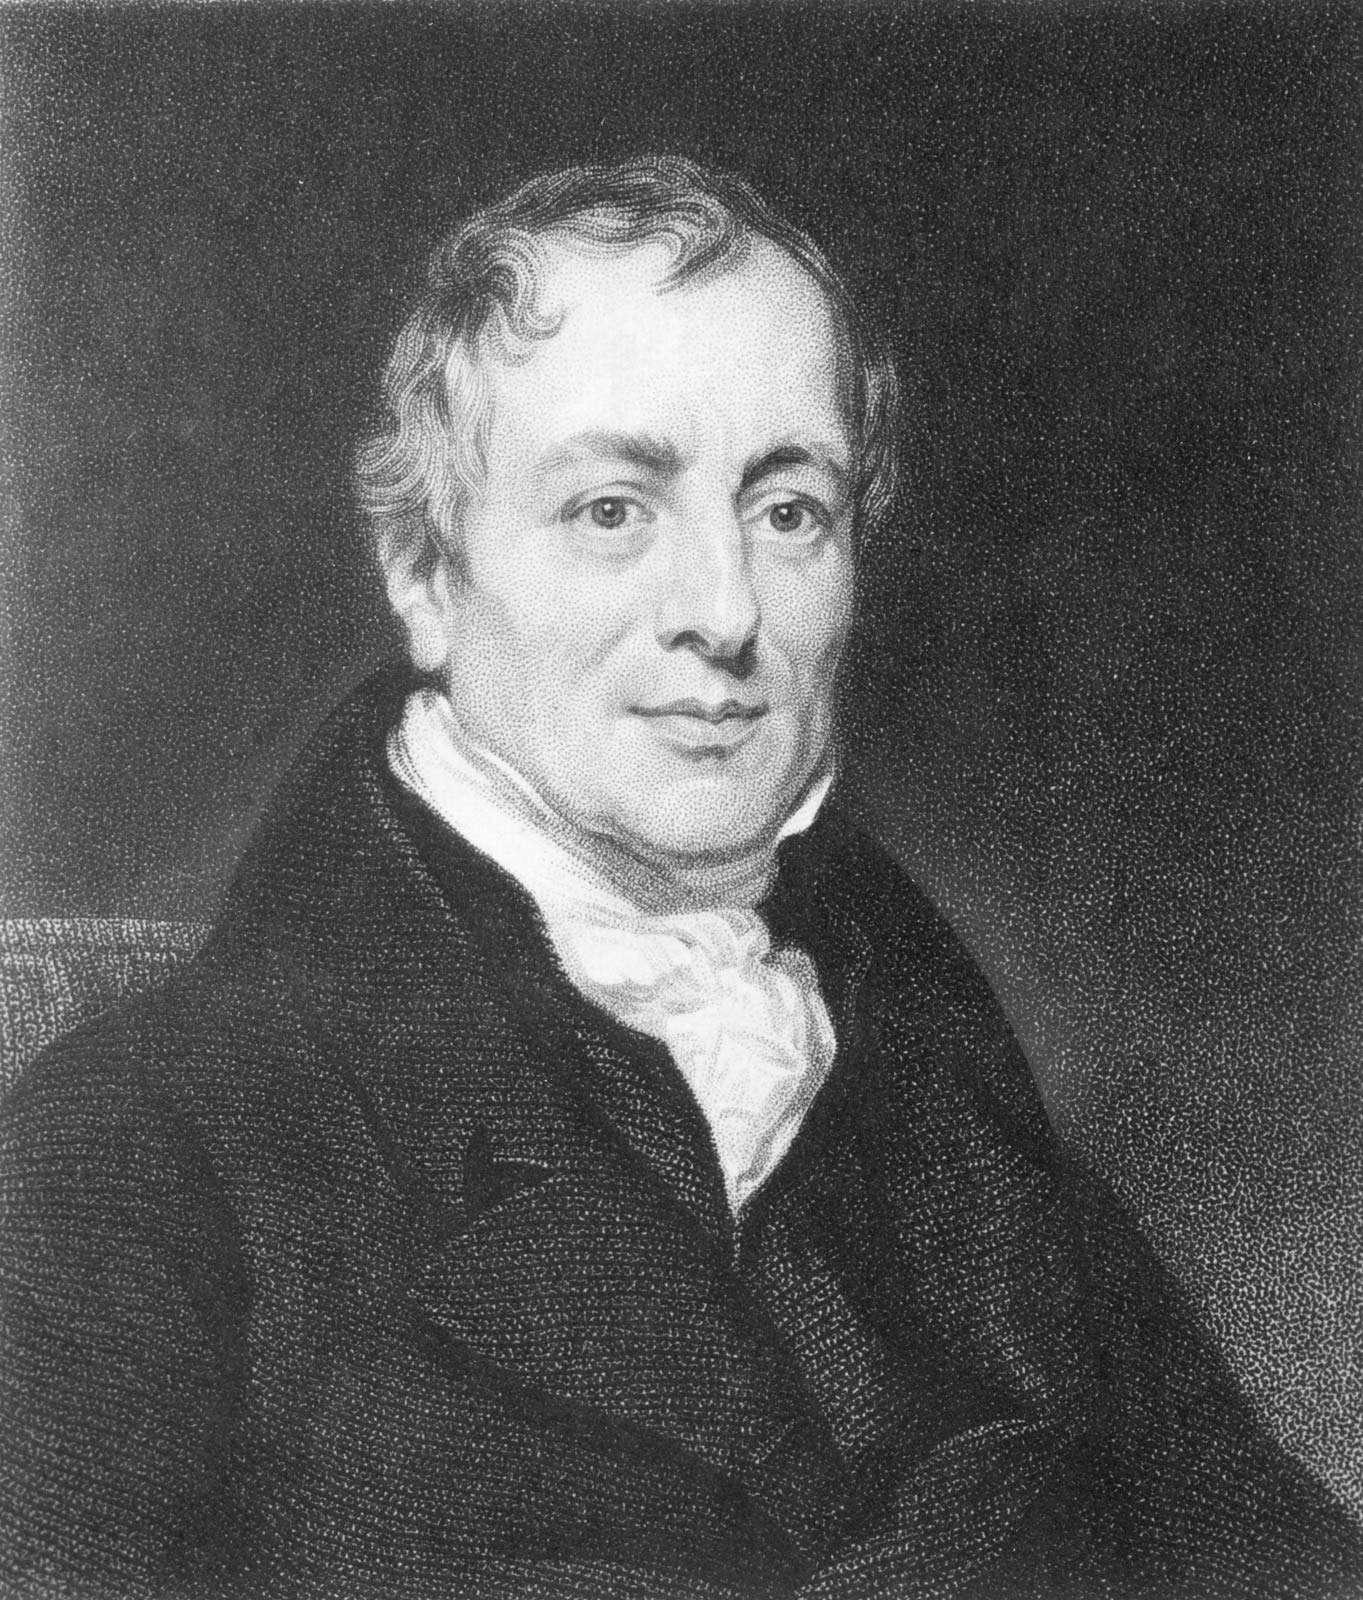 Ο Ντέηβιντ Ρικάρντο (αγγλ. David Ricardo) (18 Απριλίου 1772 – 11 Σεπτεμβρίου 1823).